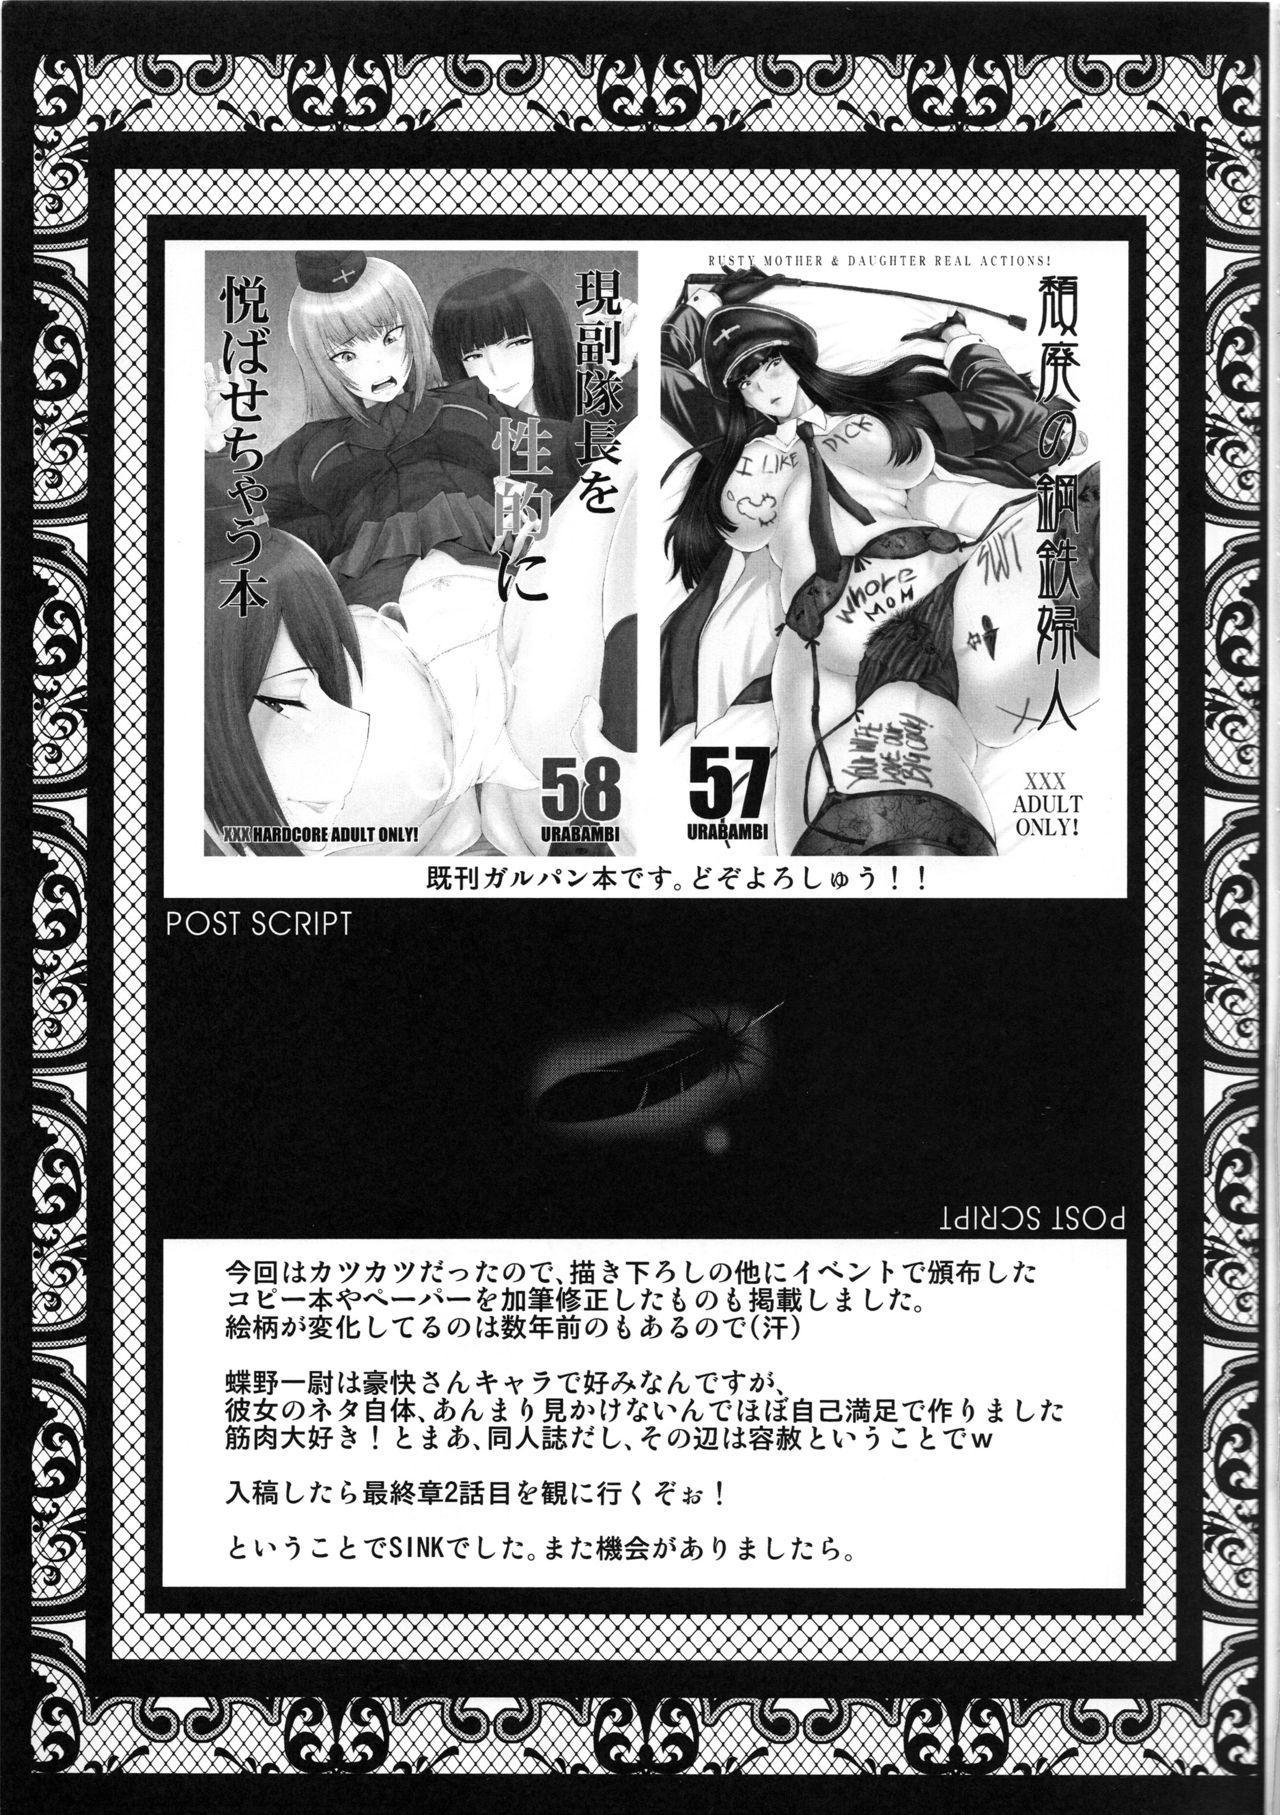 Urabambi Vol. 59 Ichii wa Seiteki ni Ijimeraretai 23